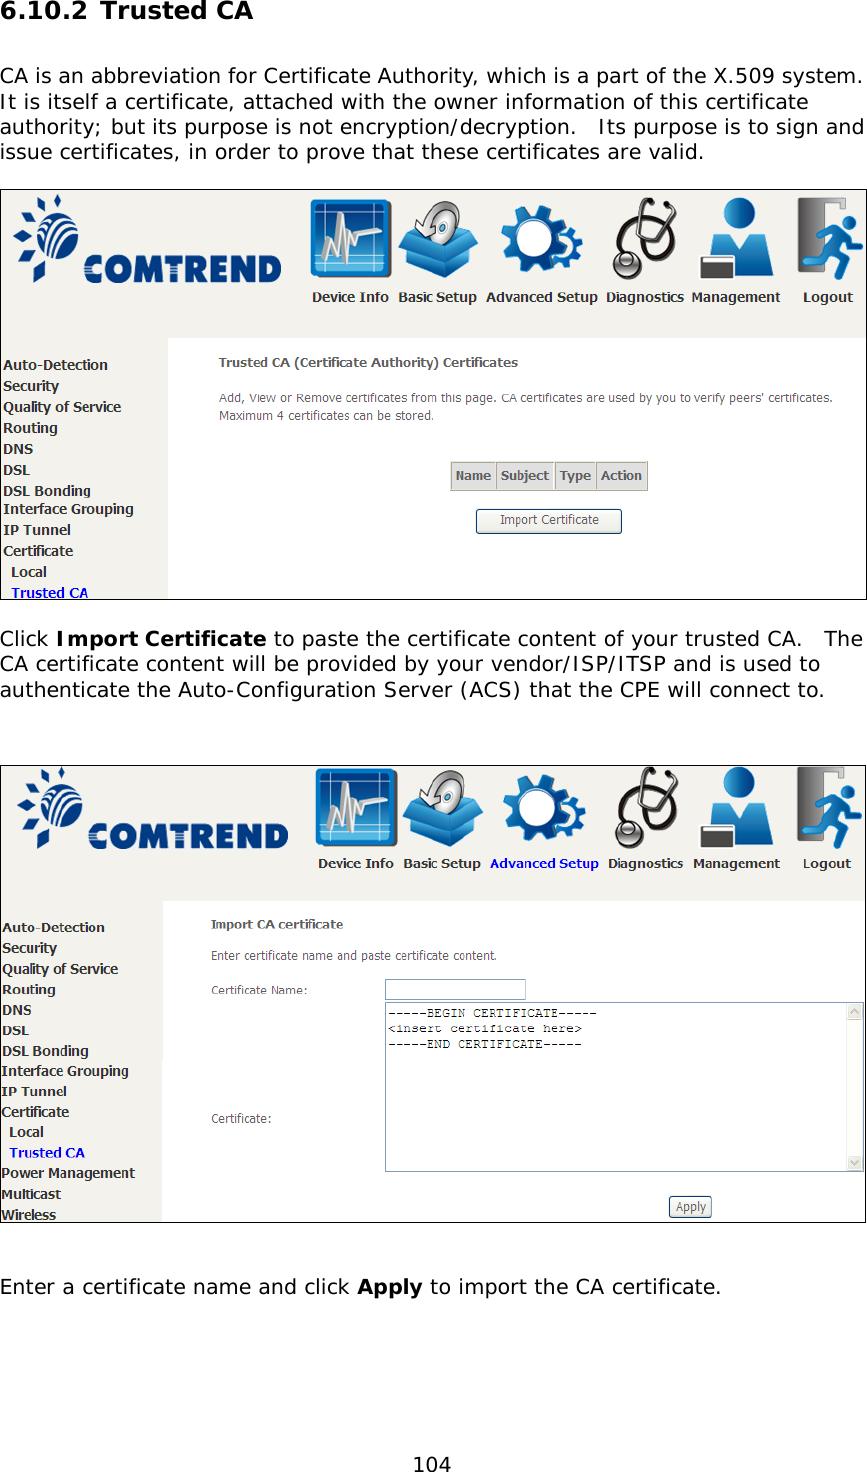 Comtrend Nl 3112u Avdsl Bonded Router User Manual Ct 5374